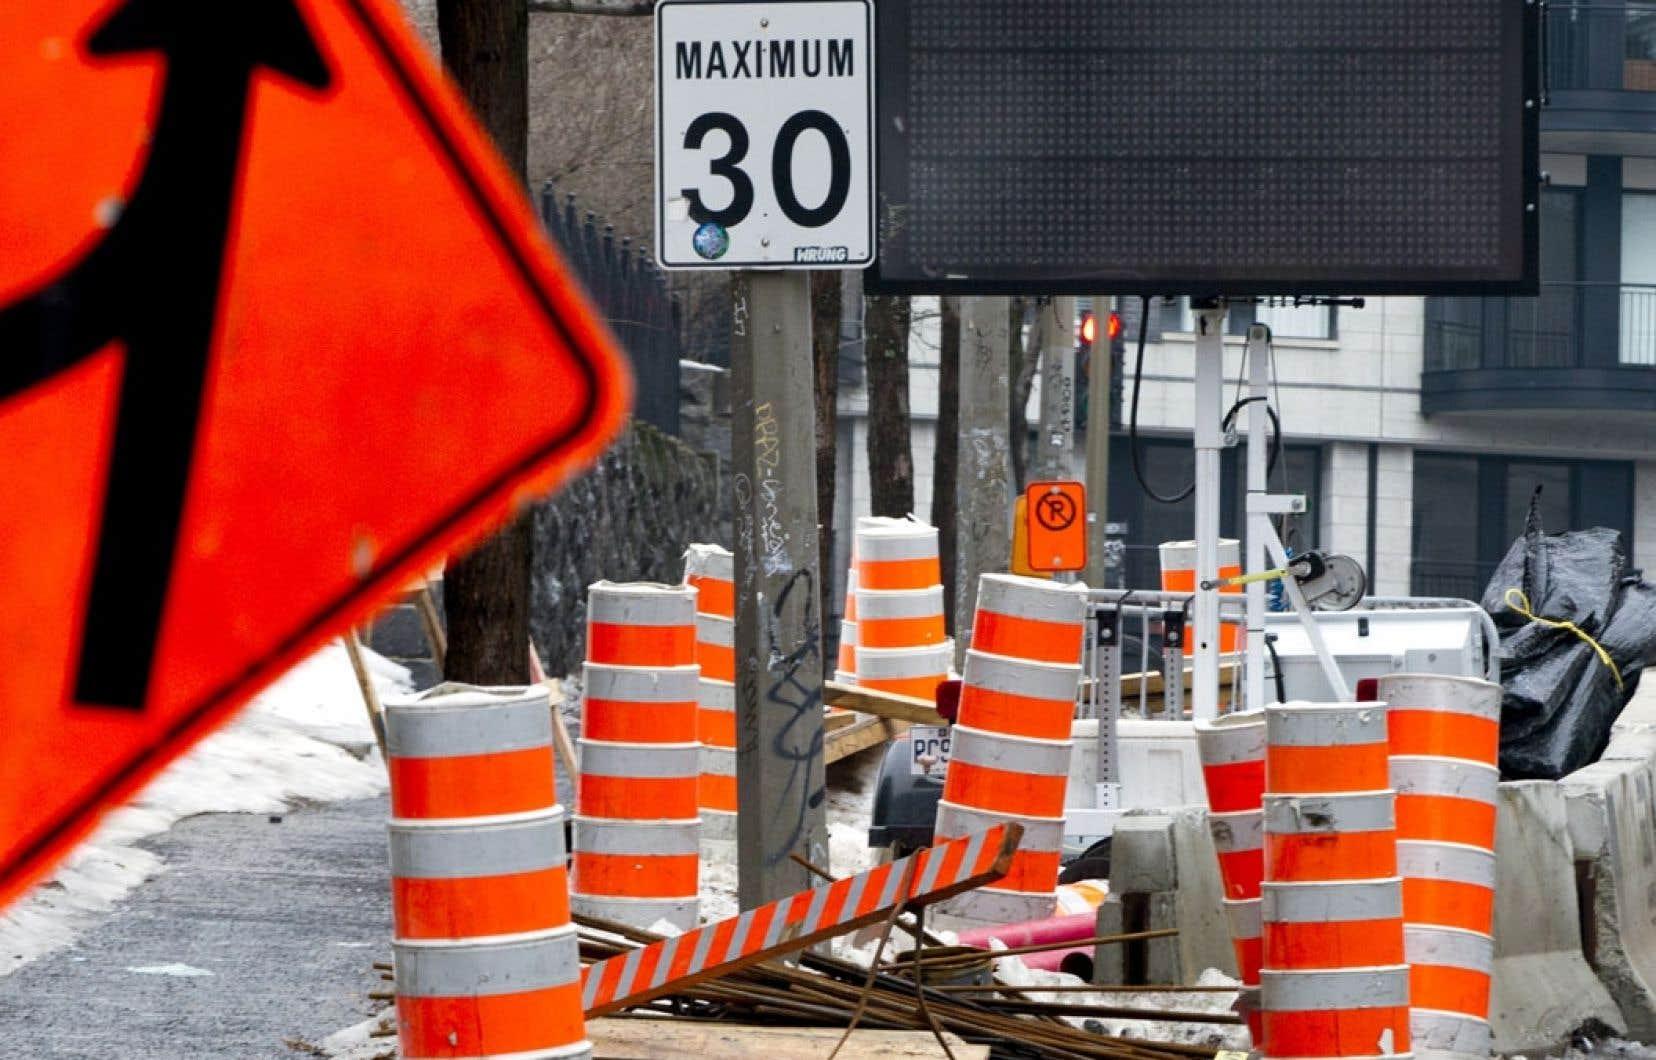 L'Ordre des ingénieurs du Québec plaide pour que, malgré la crise de confiance, les contrats de réfection des infrastructures suivent leur cours au Québec. «On doit arrêter de ralentir les projets», dit son président, Daniel Lebel.